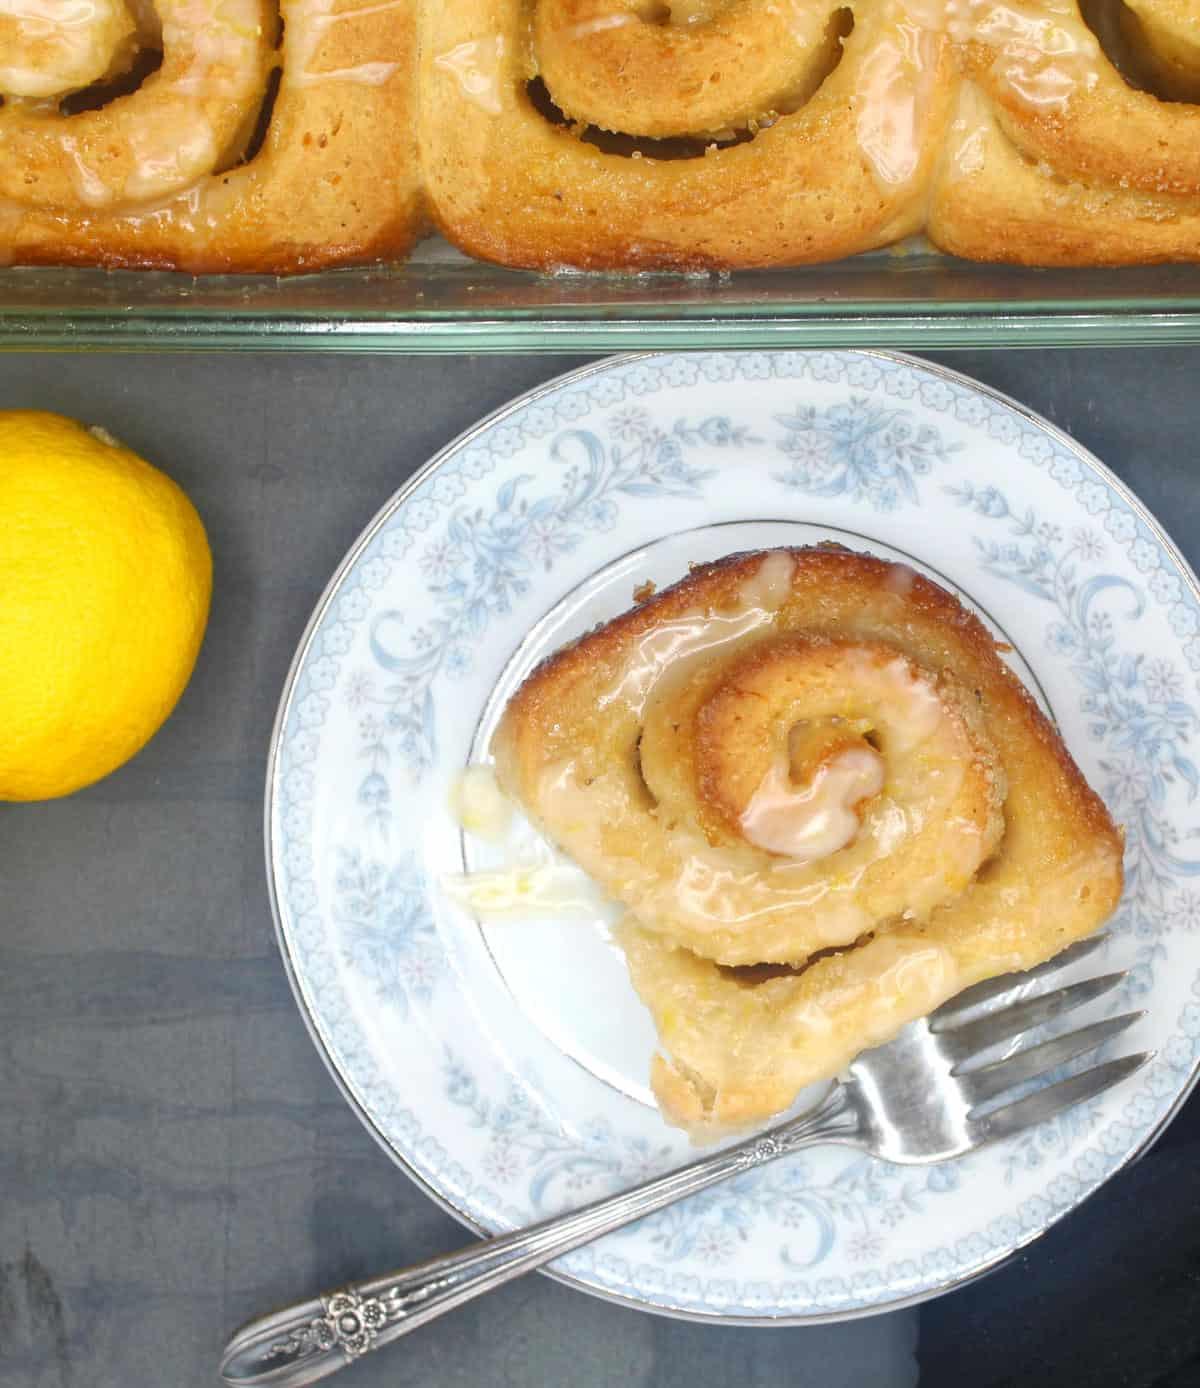 An overhead shot of a perfect golden vegan lemon roll glazed with a sticky lemon glaze with bits of lemon zest.